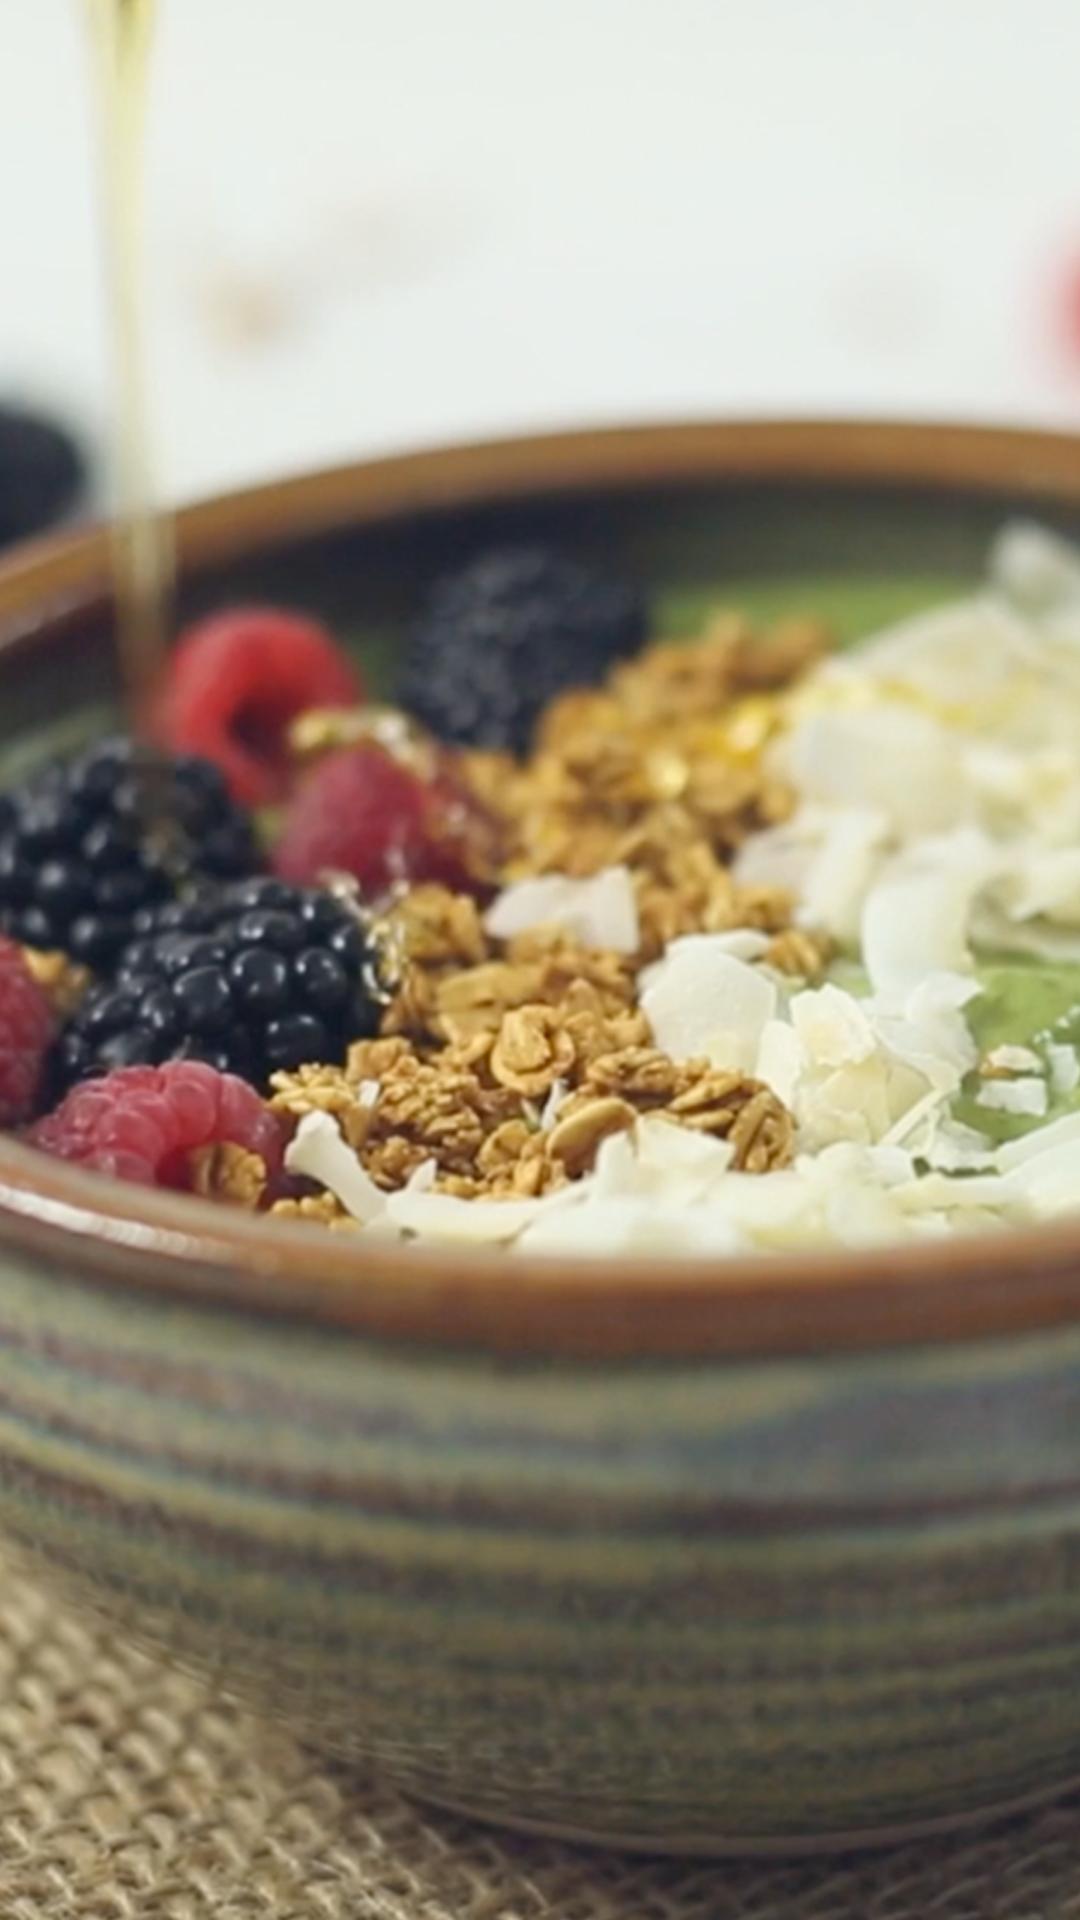 Bagaimana cara membuat smoothie alpukat, kale & rasberi